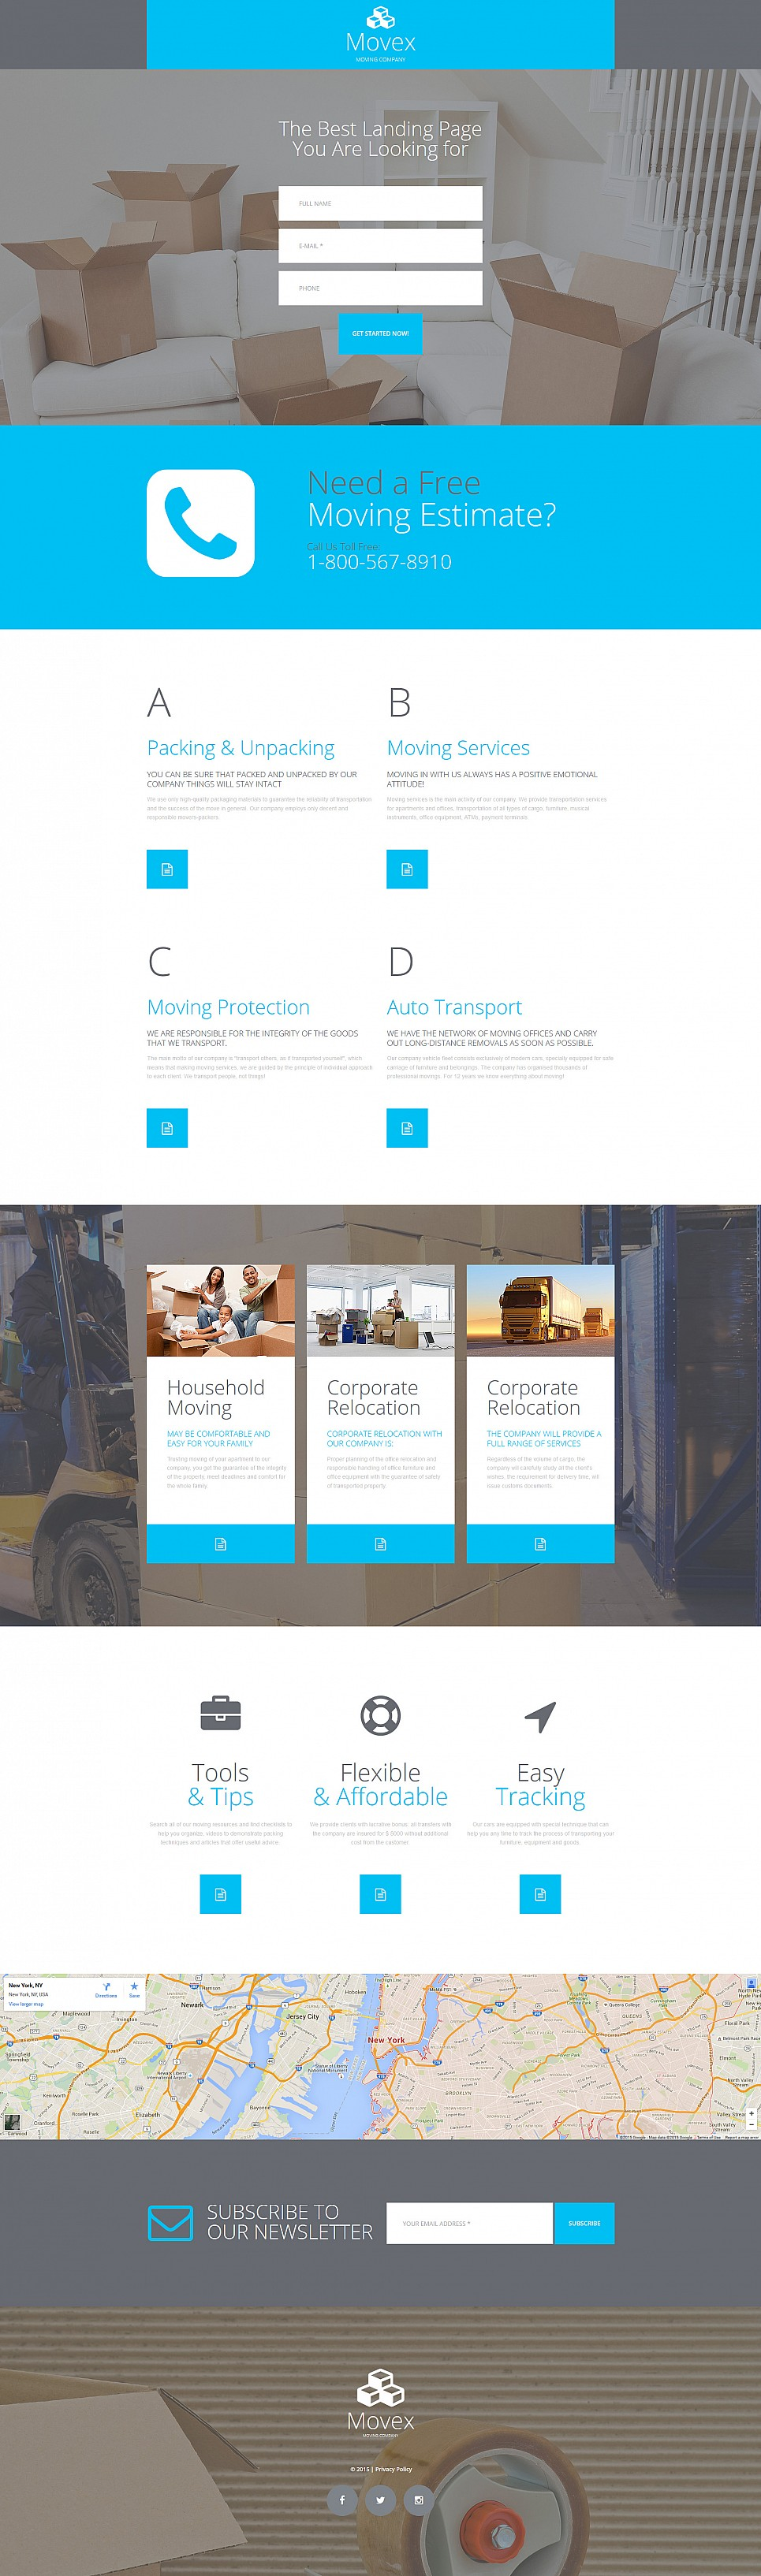 Weißblaues Design für Kurierdienstleister